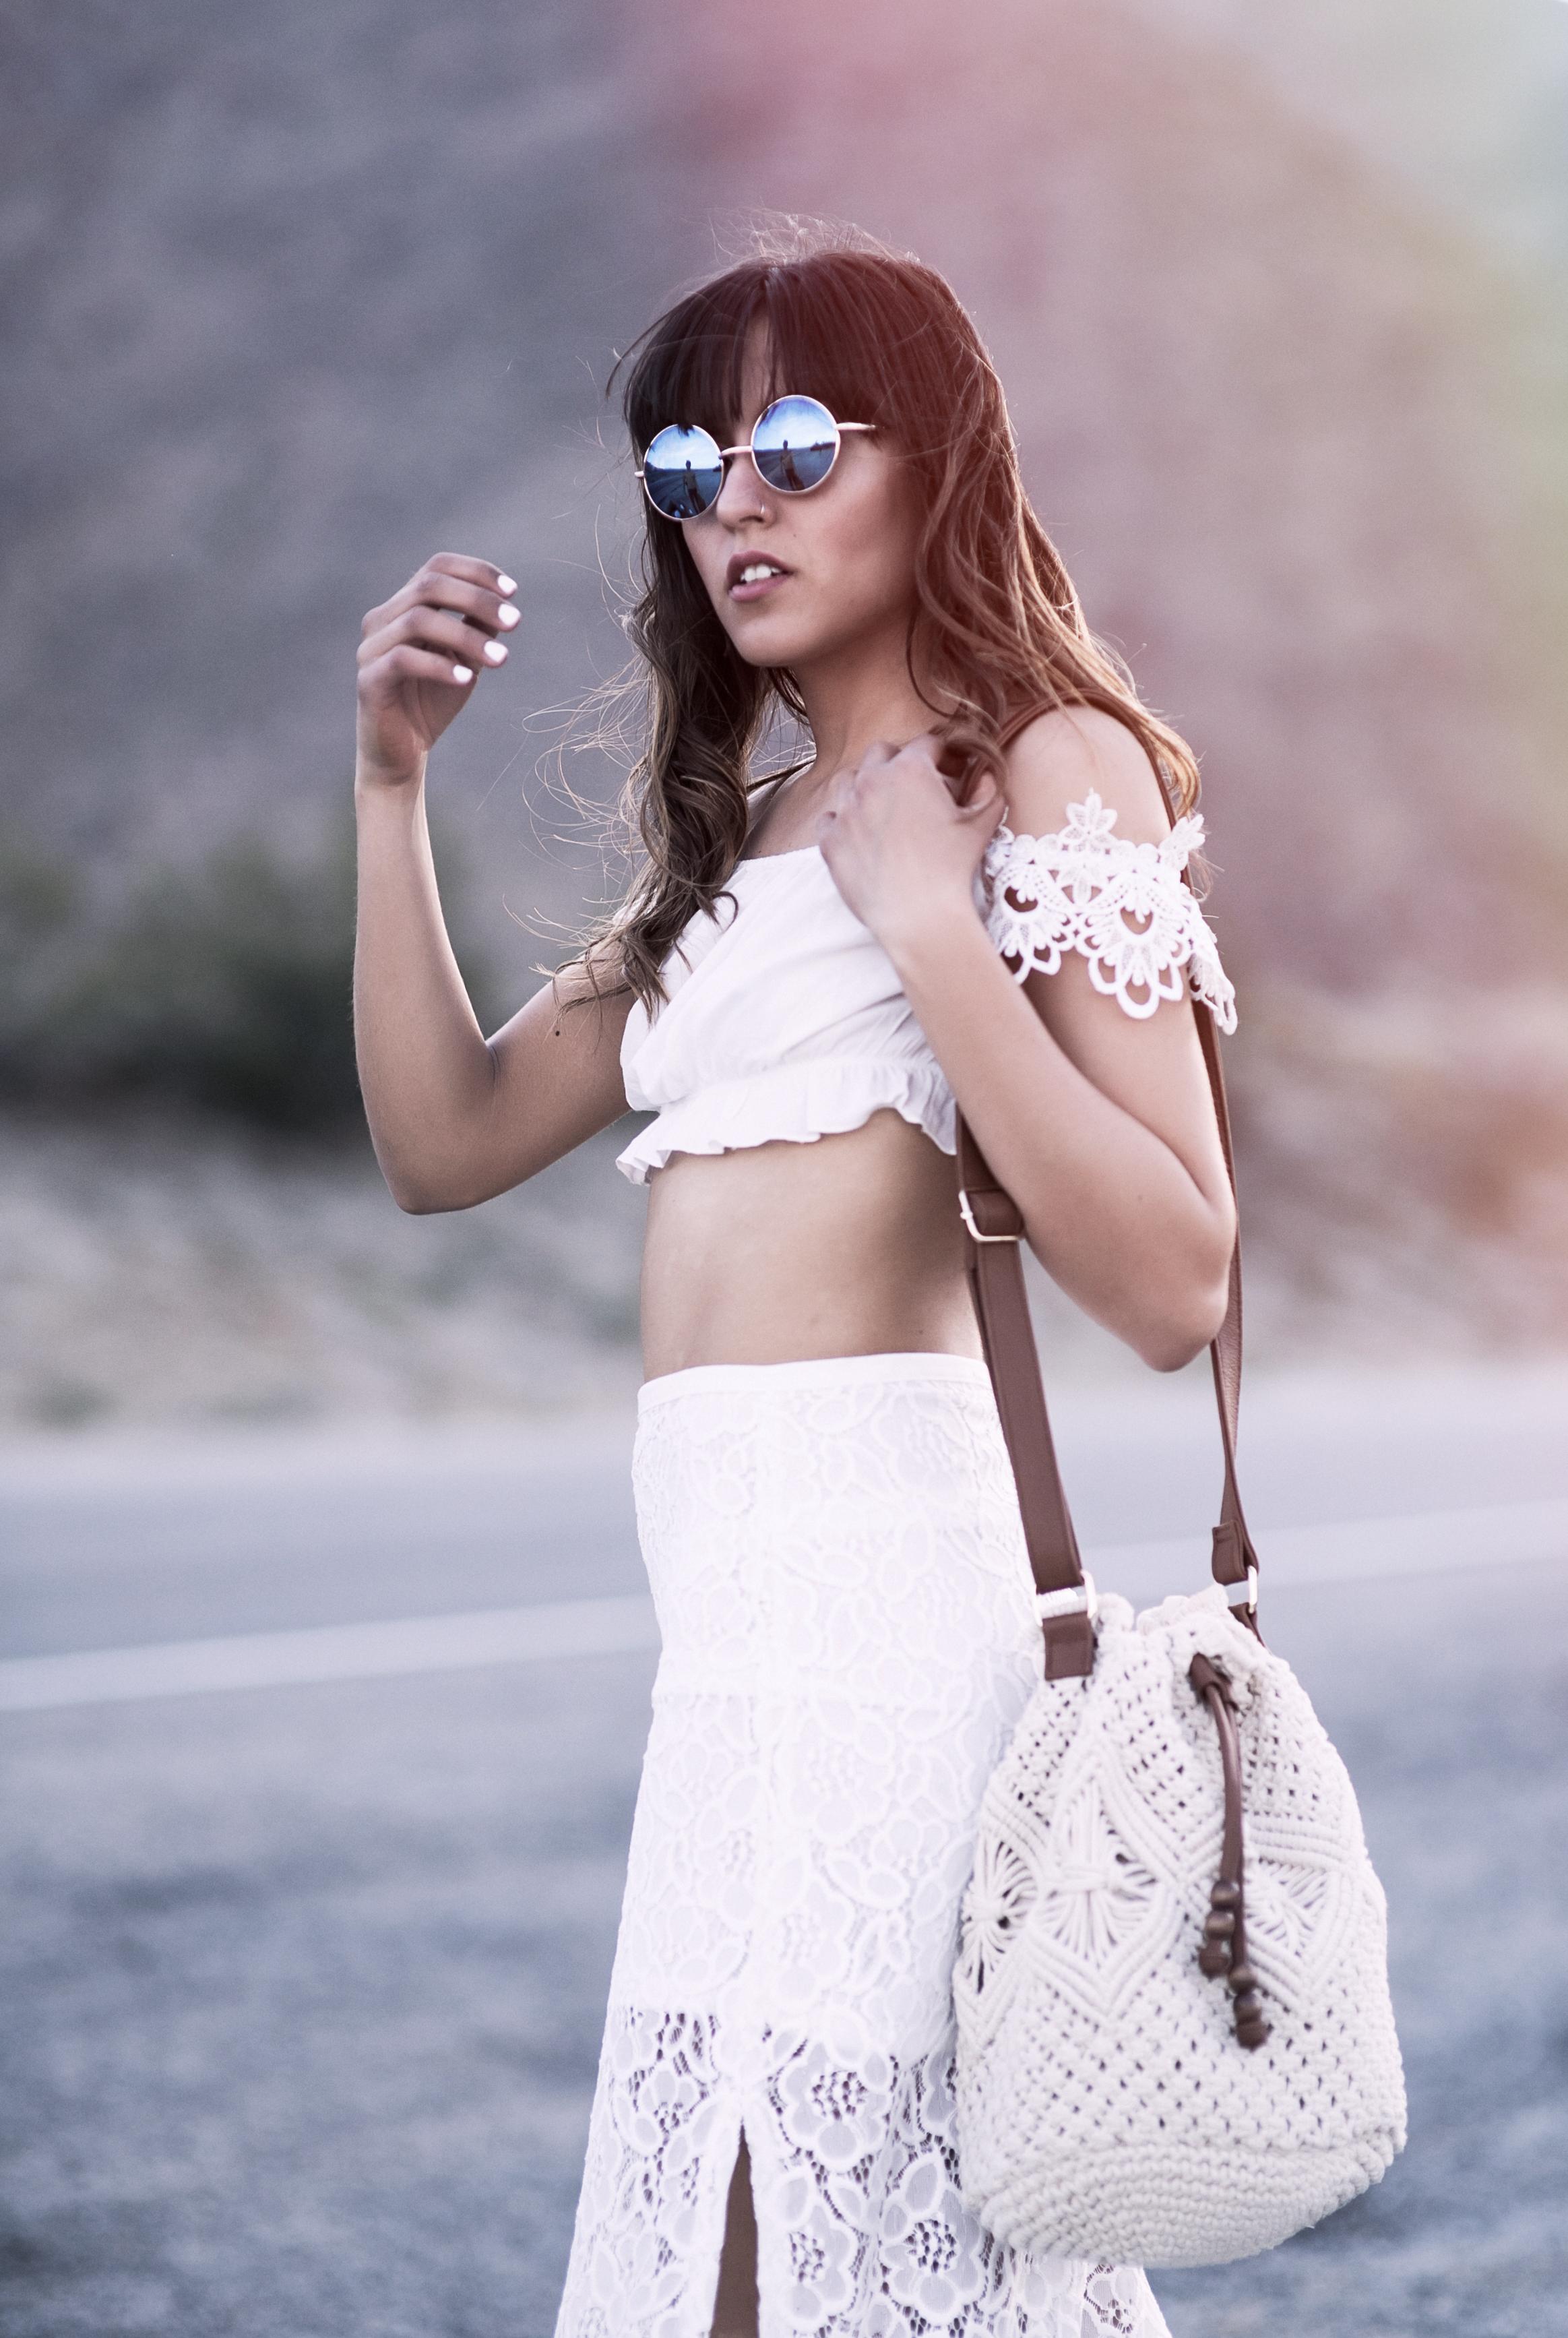 raquel-paiva-coachella-fashion-blogger